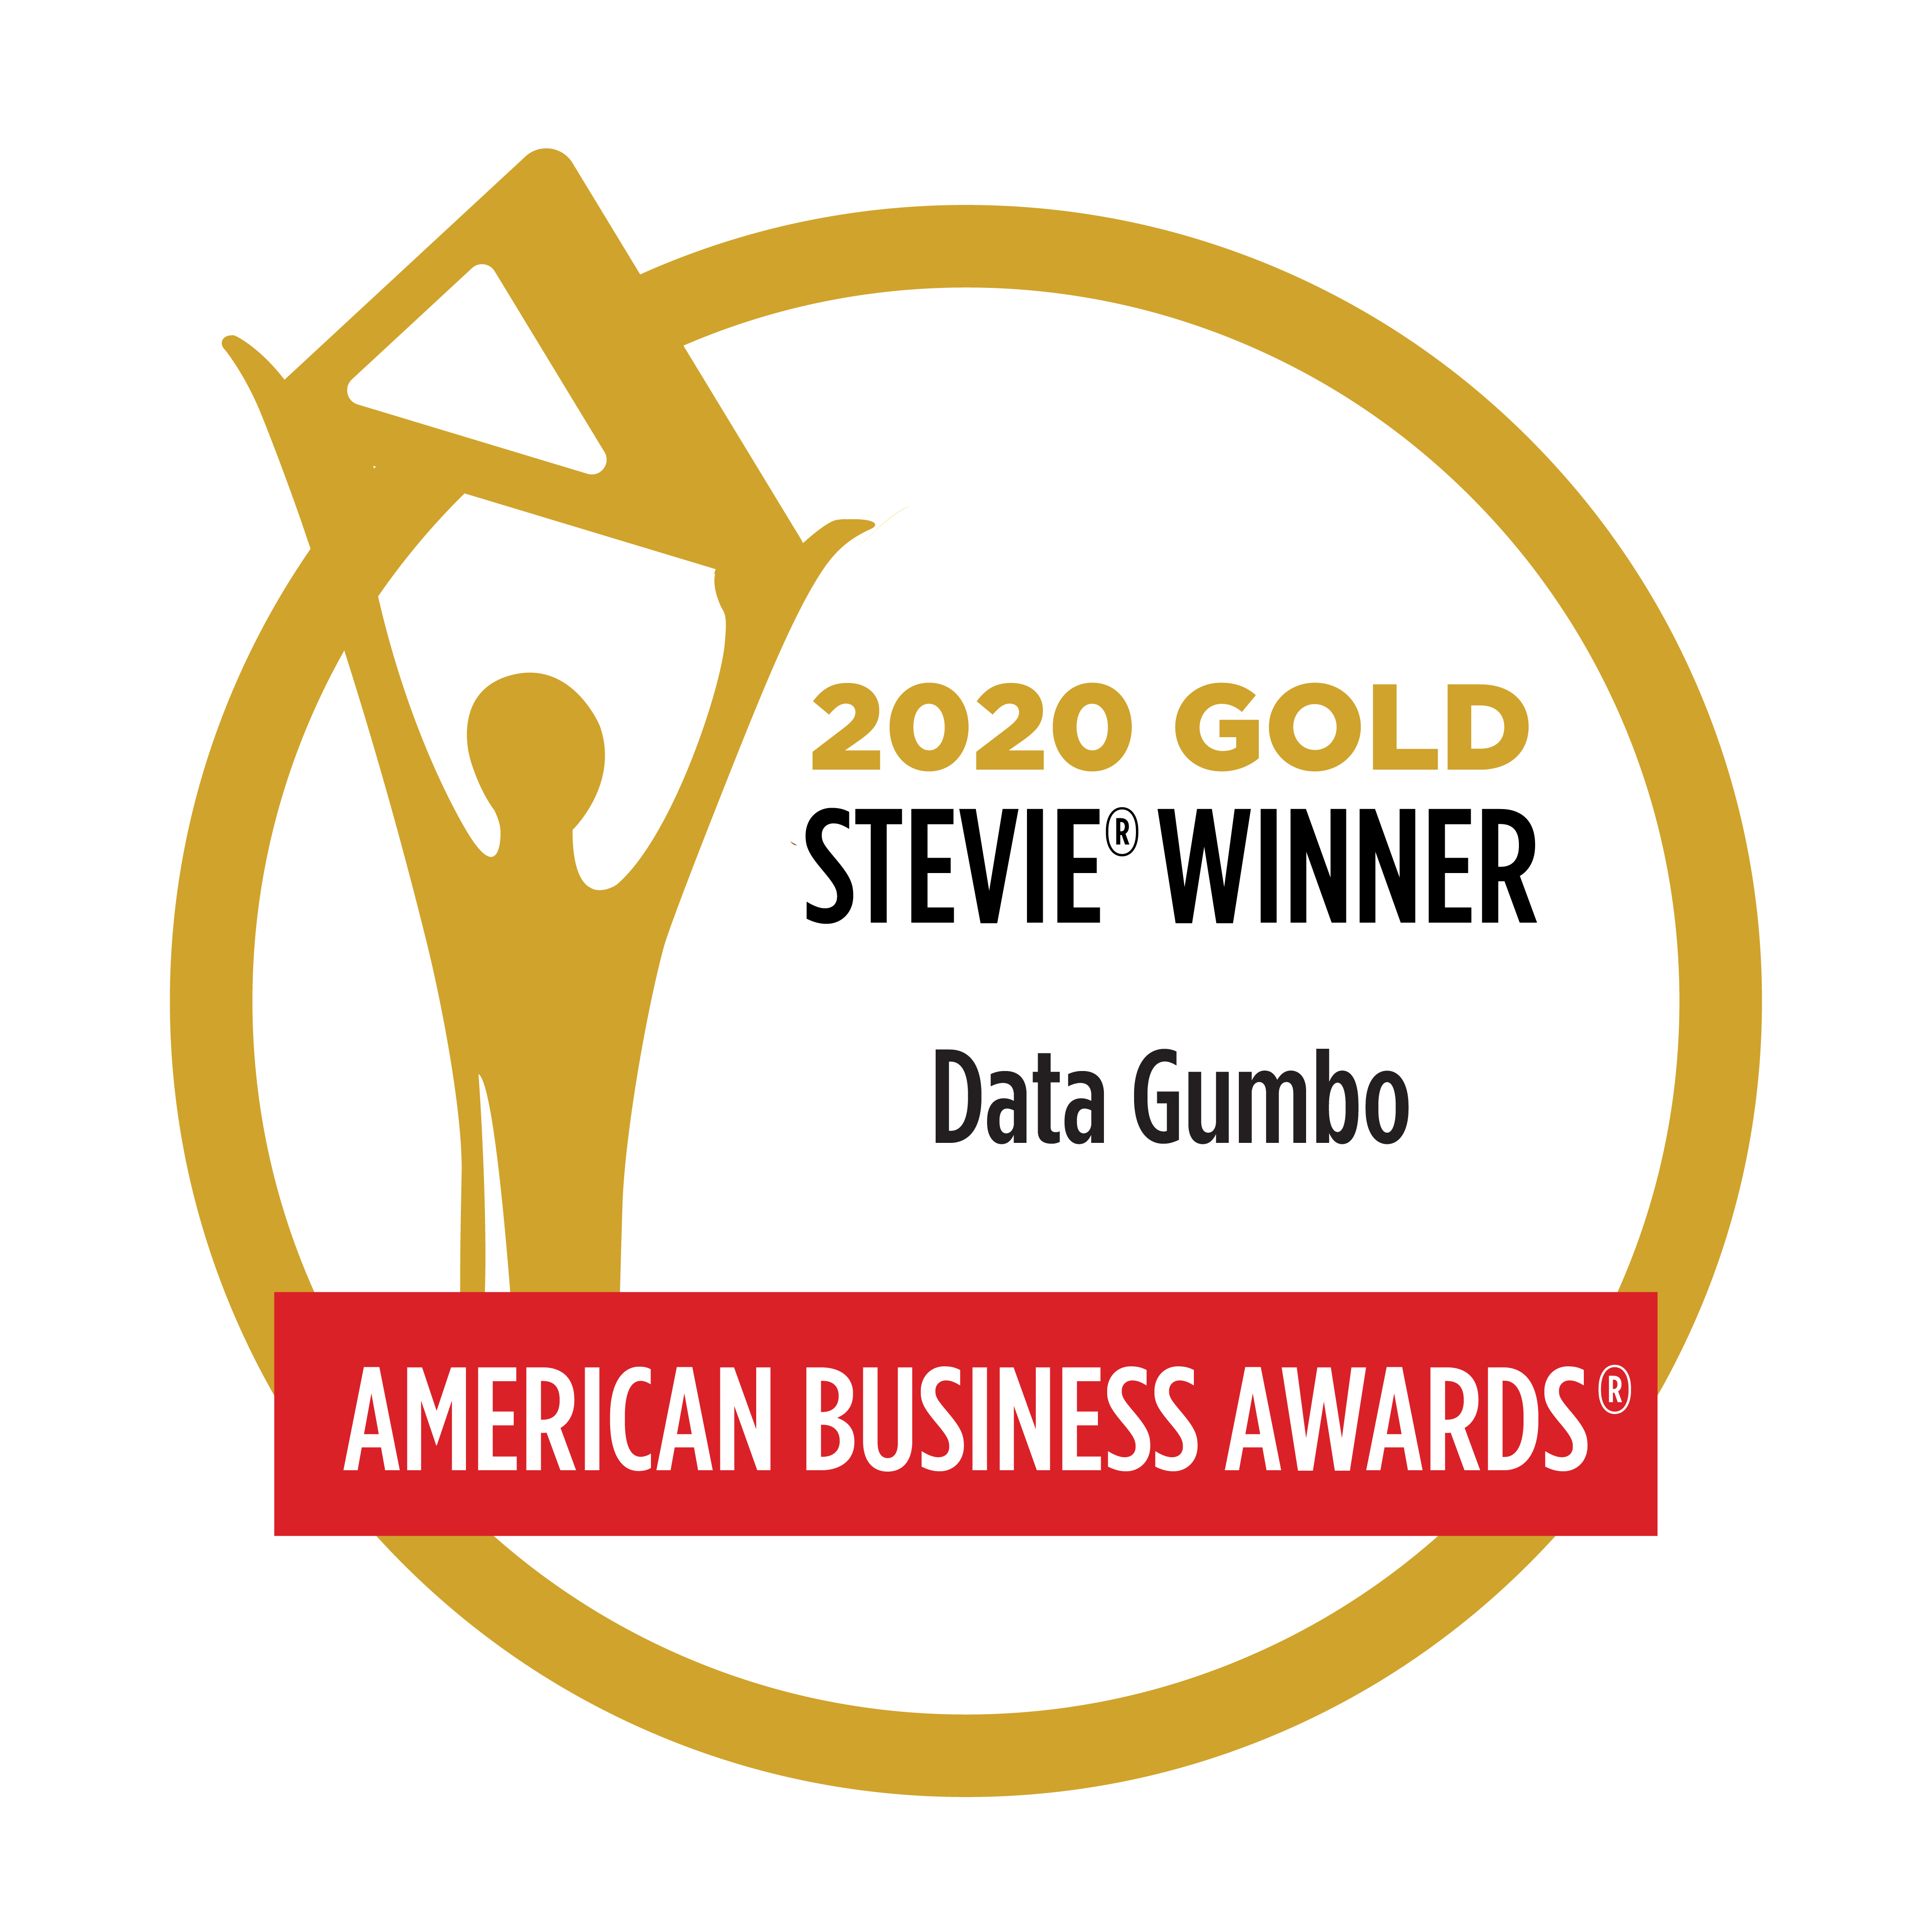 2020 Gold Stevie Winner - Data Gumbo